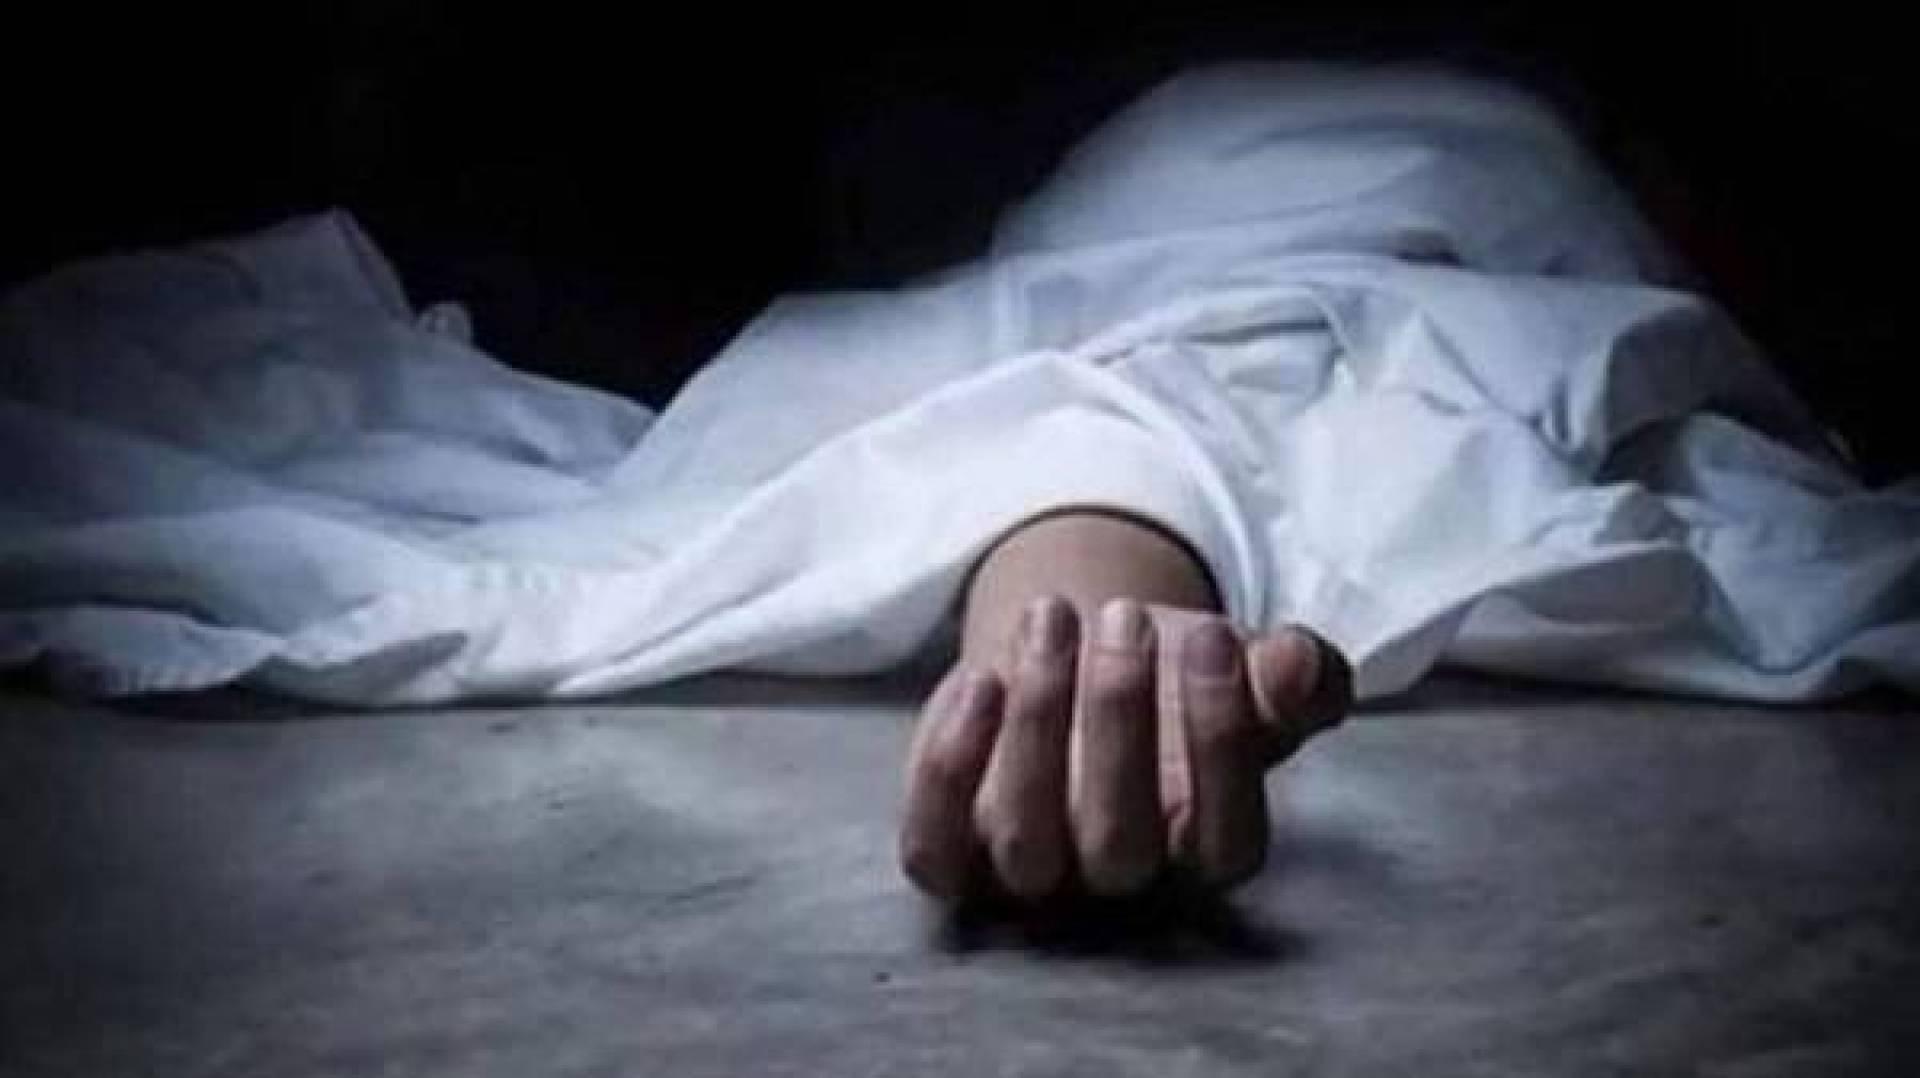 مواطن يقتل ابنه بخمس طلقات في الفروانية